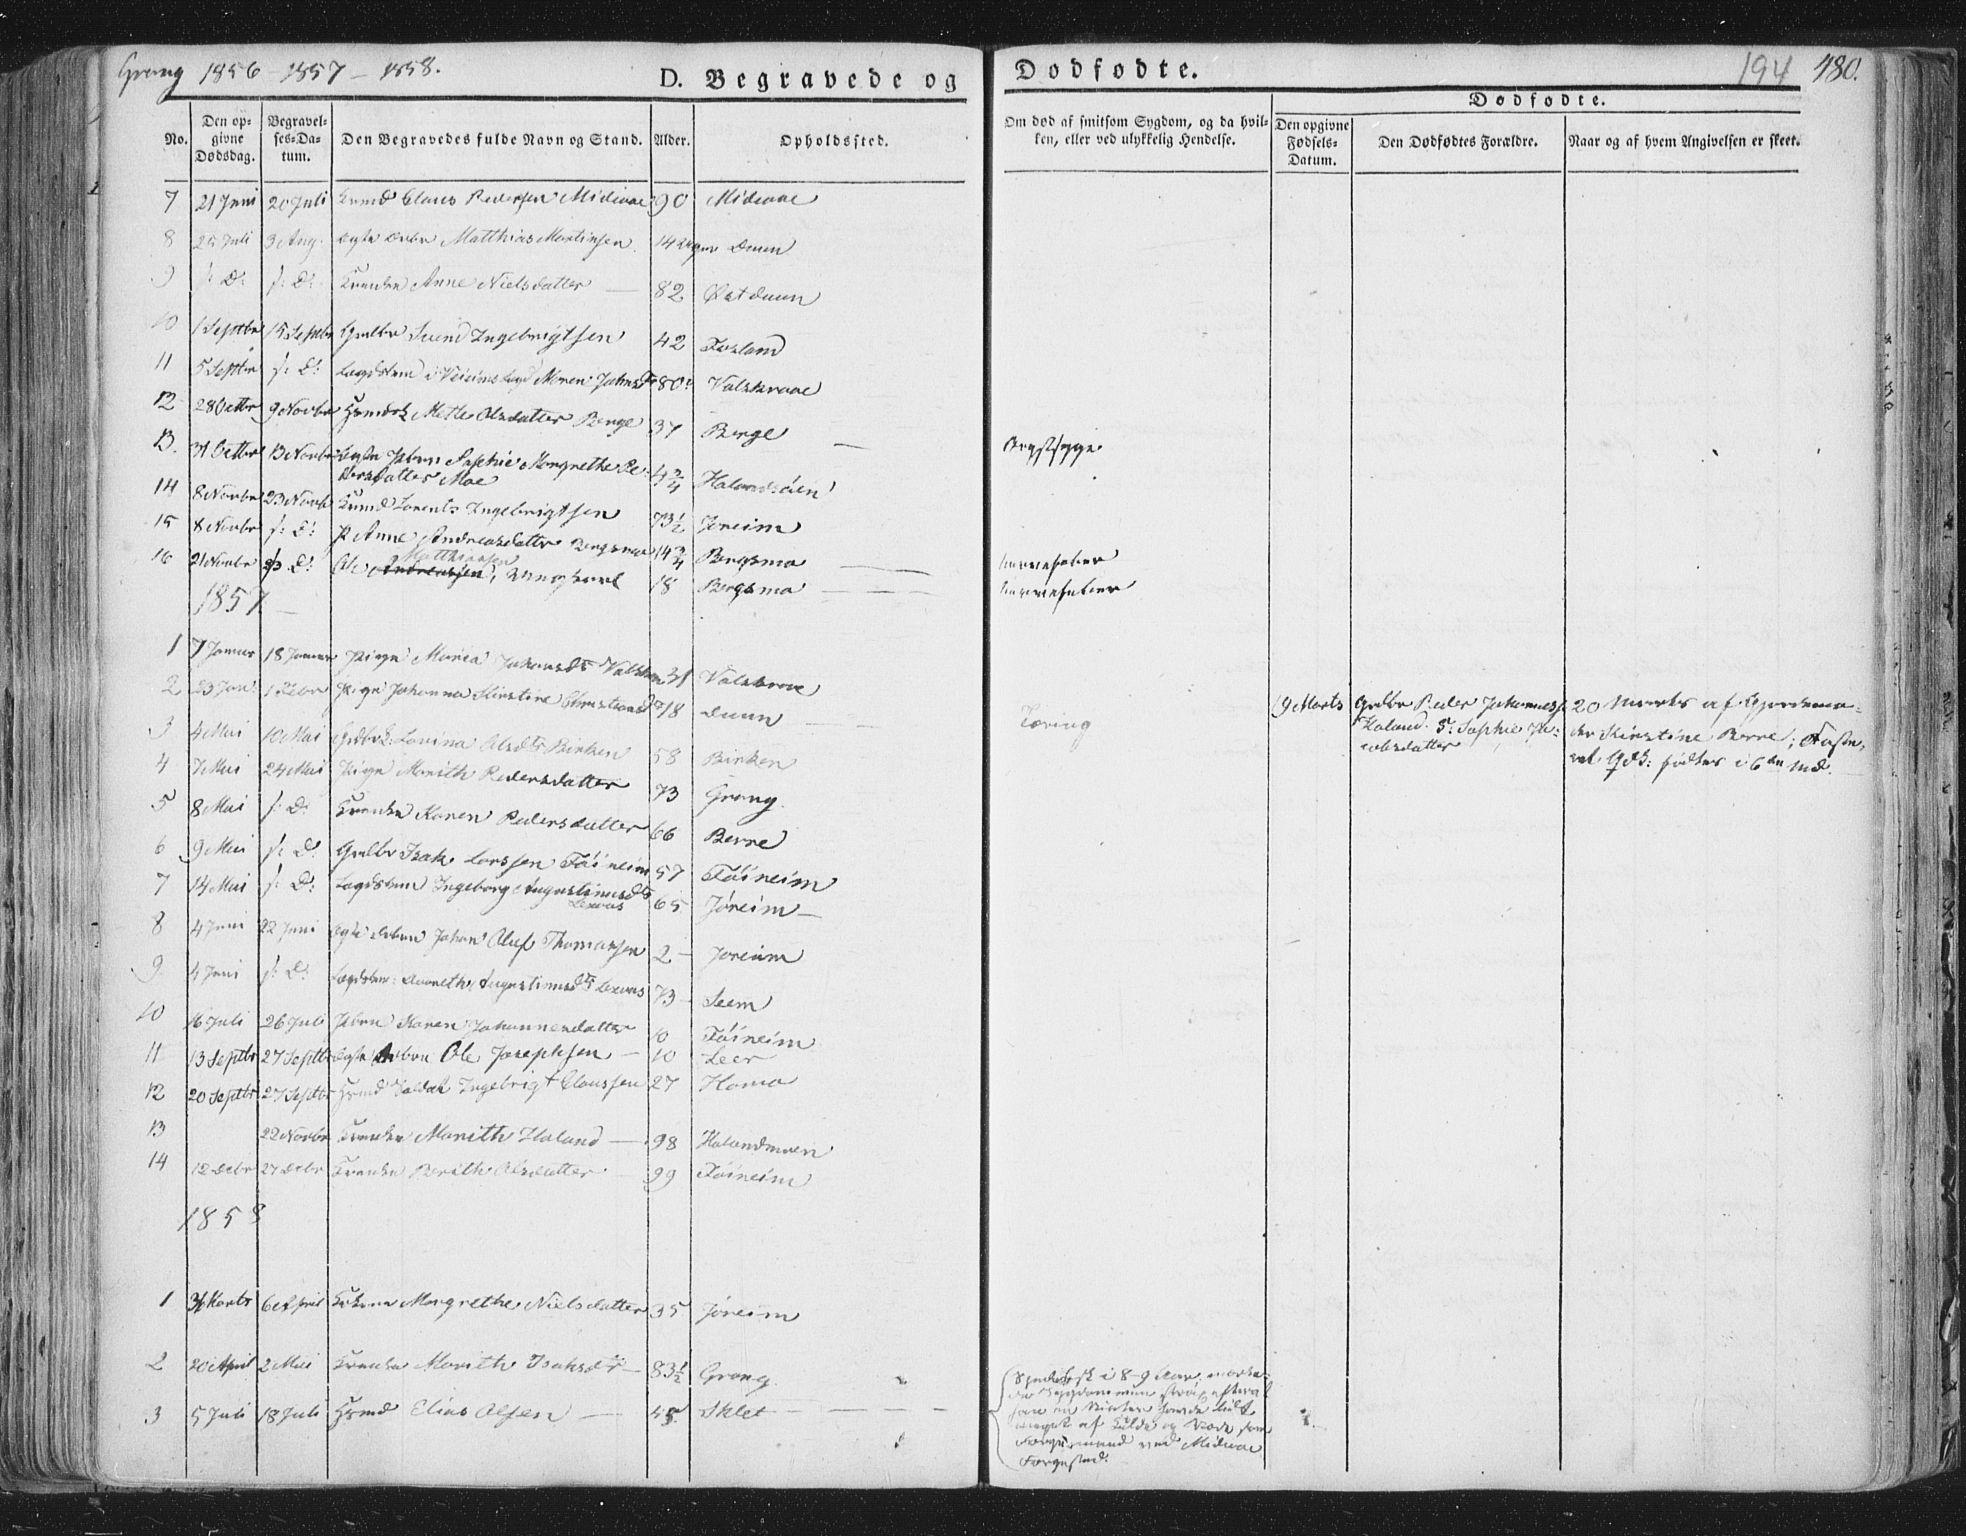 SAT, Ministerialprotokoller, klokkerbøker og fødselsregistre - Nord-Trøndelag, 758/L0513: Ministerialbok nr. 758A02 /1, 1839-1868, s. 194